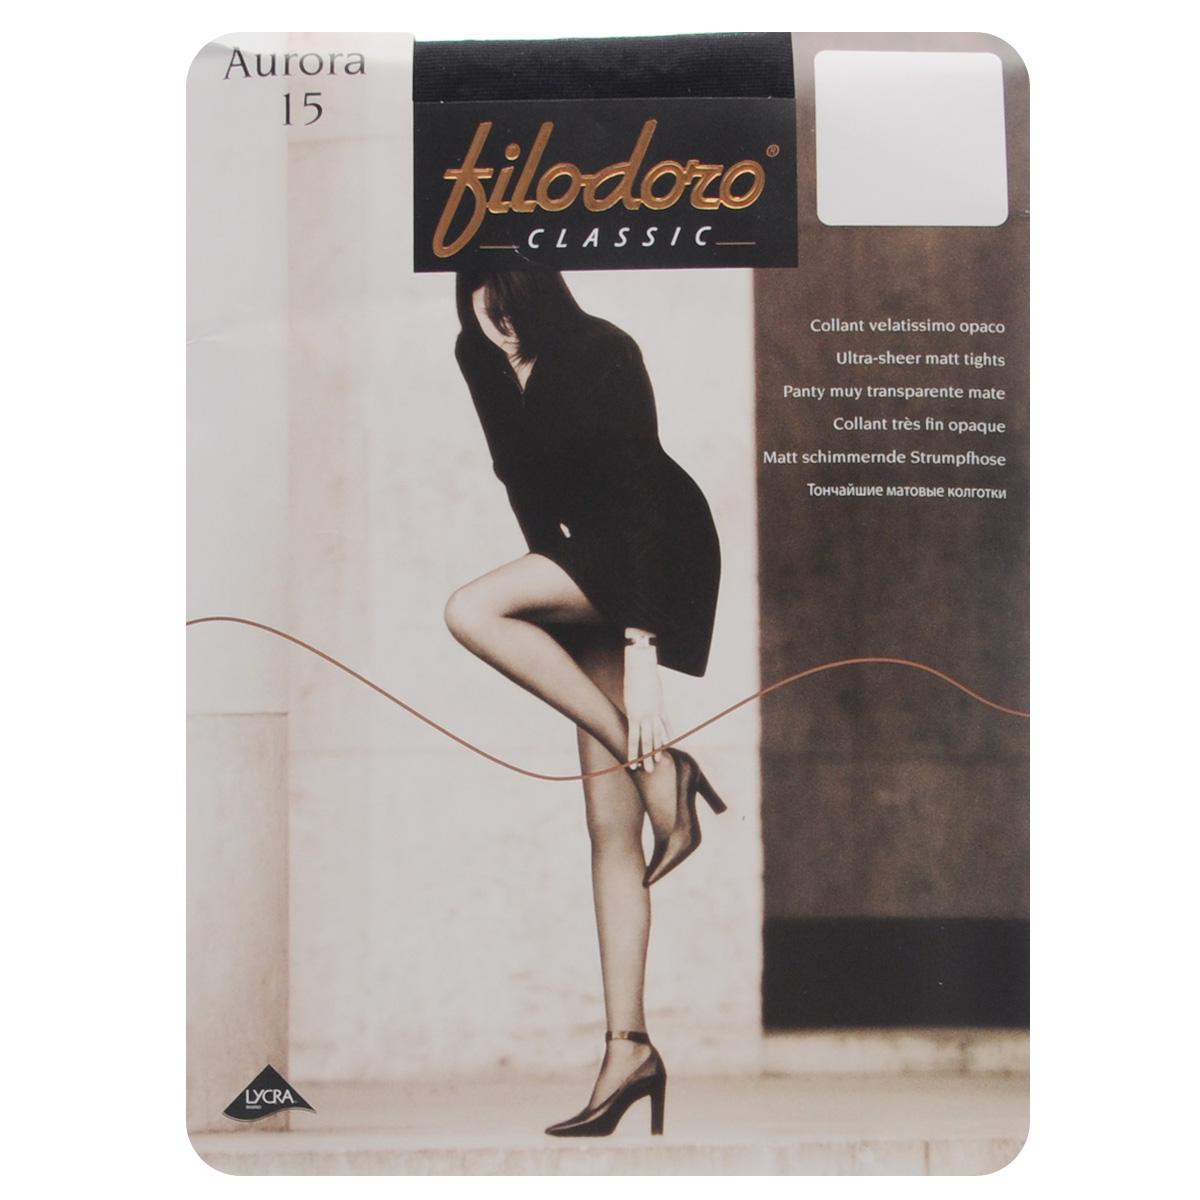 Колготки женские Filodoro Classic Aurora 15, цвет: Nero (черный). C110177FC. Размер 4 (L) kit thule honda cr v 5 dr suv 12 гладкая крыша